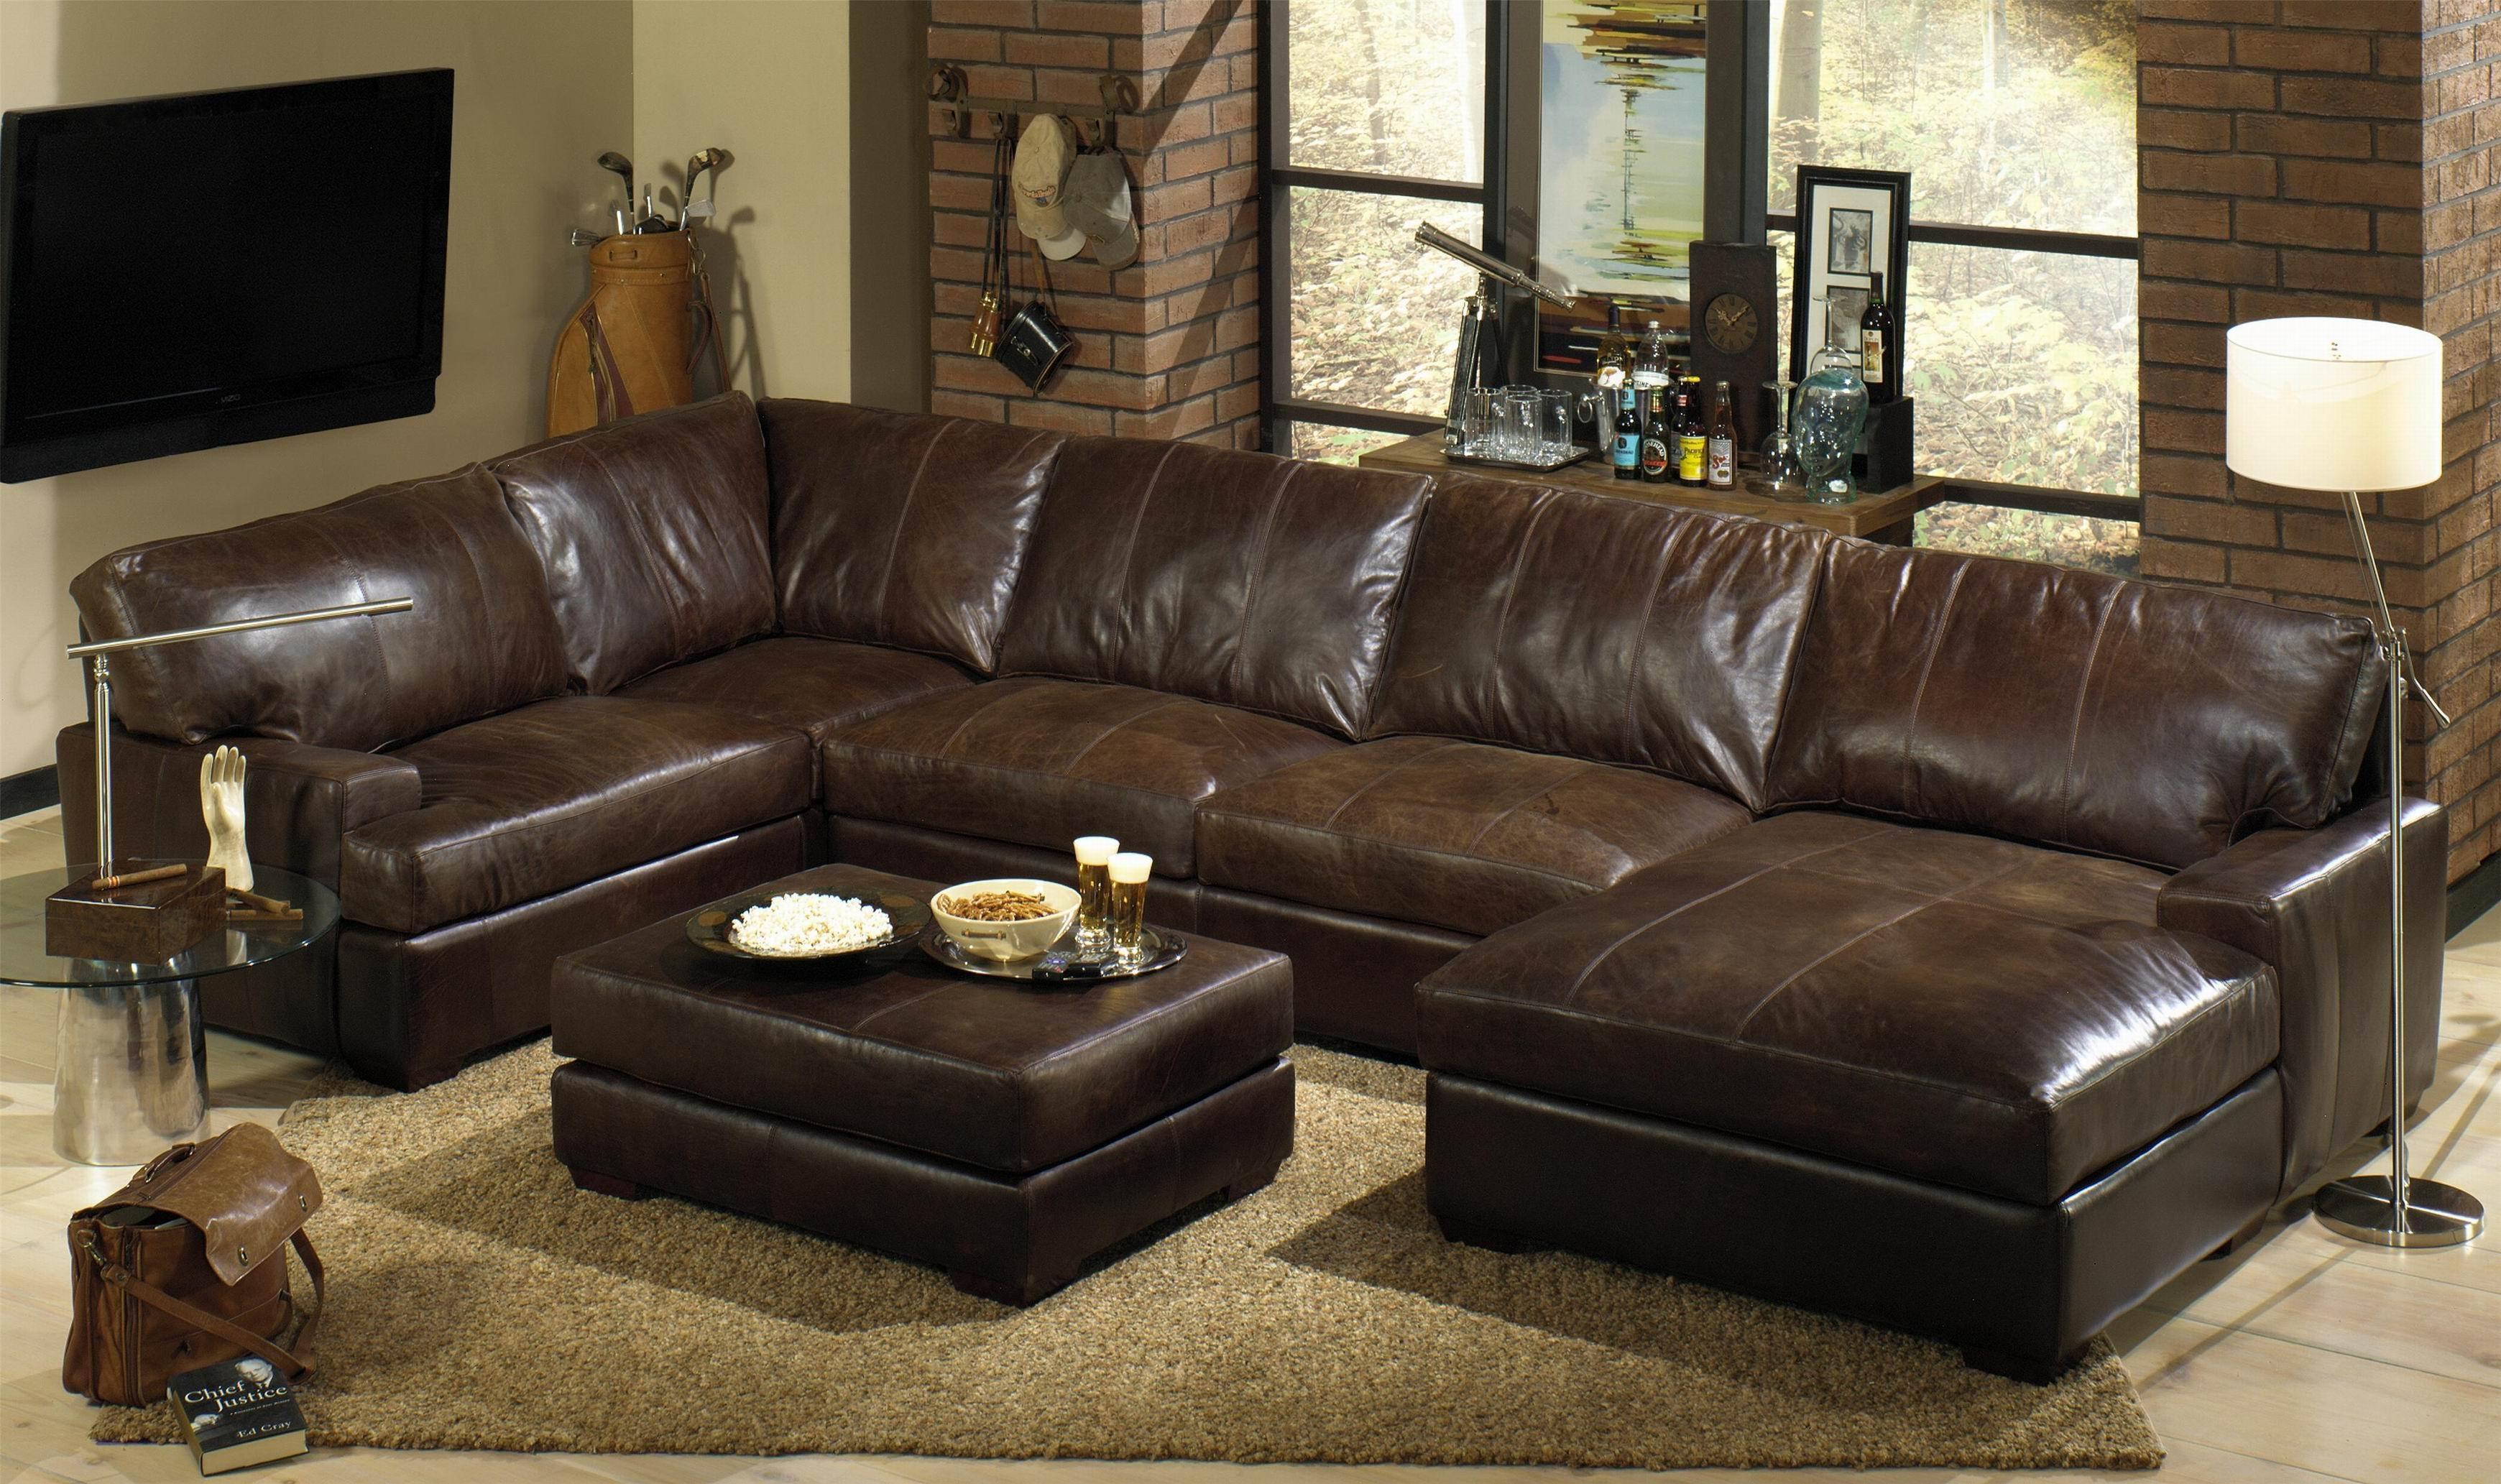 Furniture: Leather U Shaped Sofa | Distressed Leather Sectional Regarding U Shaped Leather Sectional Sofa (Image 6 of 20)